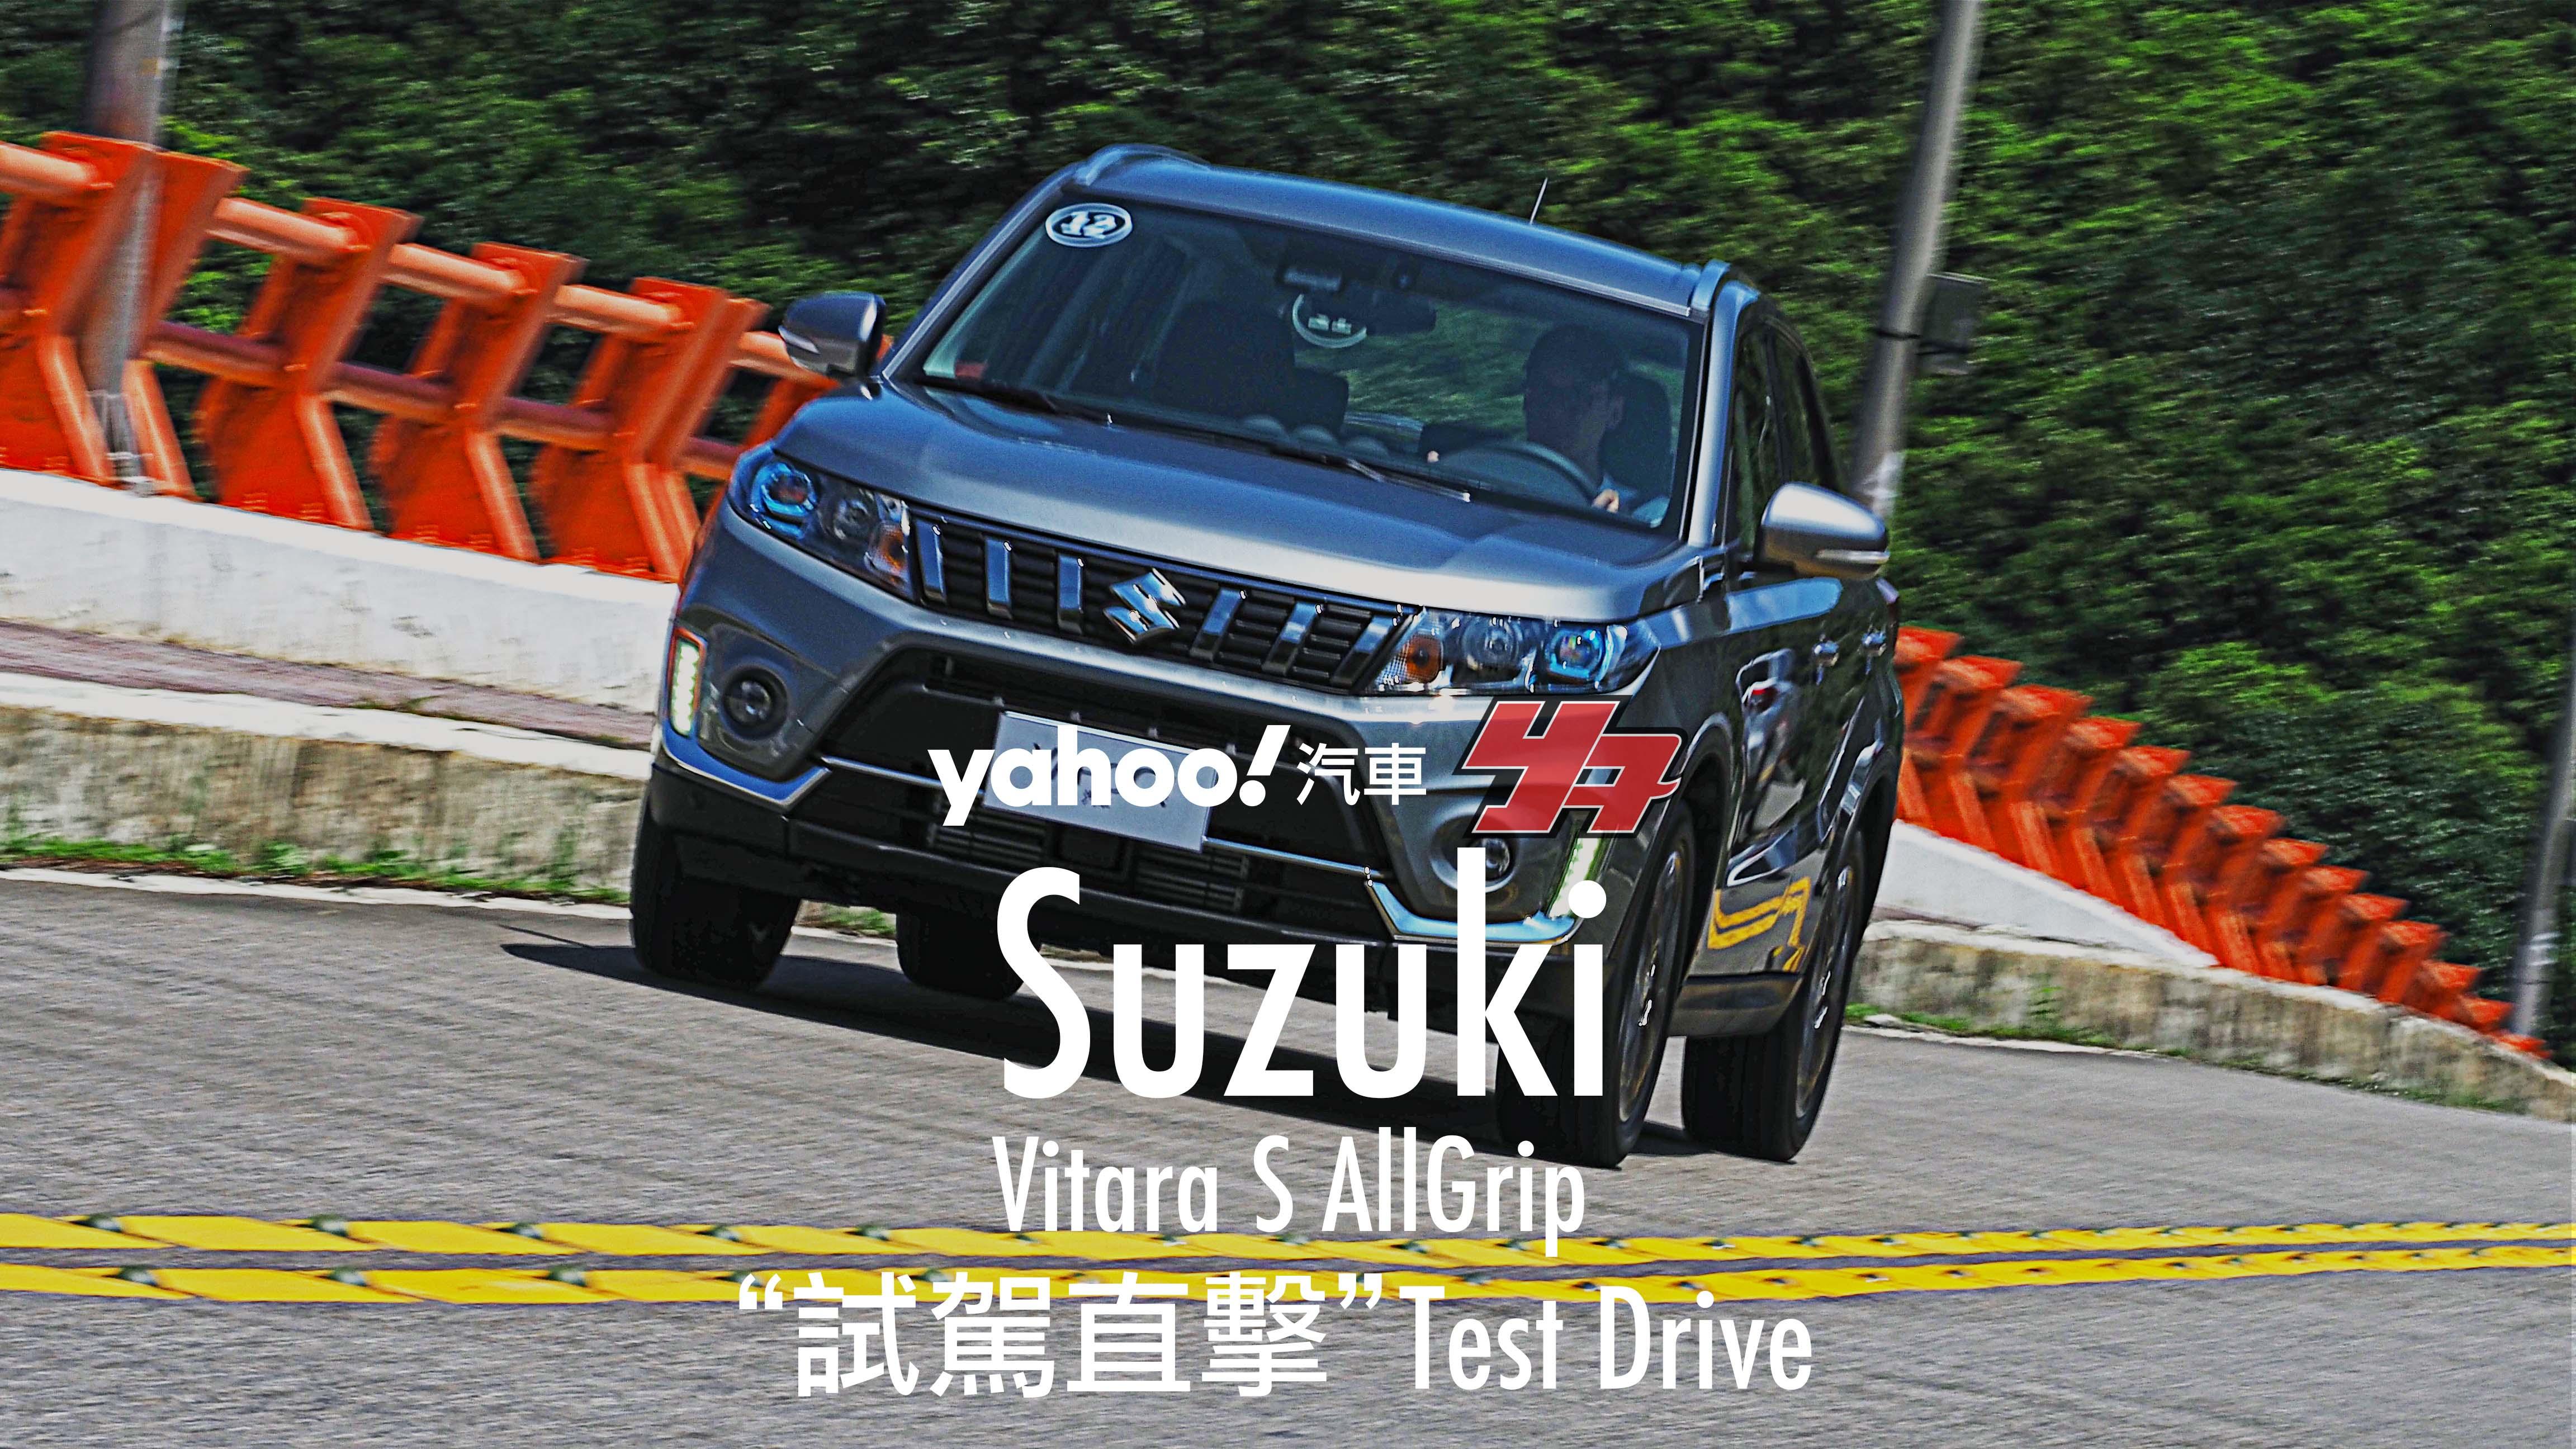 【試駕直擊】不可小覷的跨界橫綱!2019 Suzuki Vitara S AllGrip小改款山道試駕